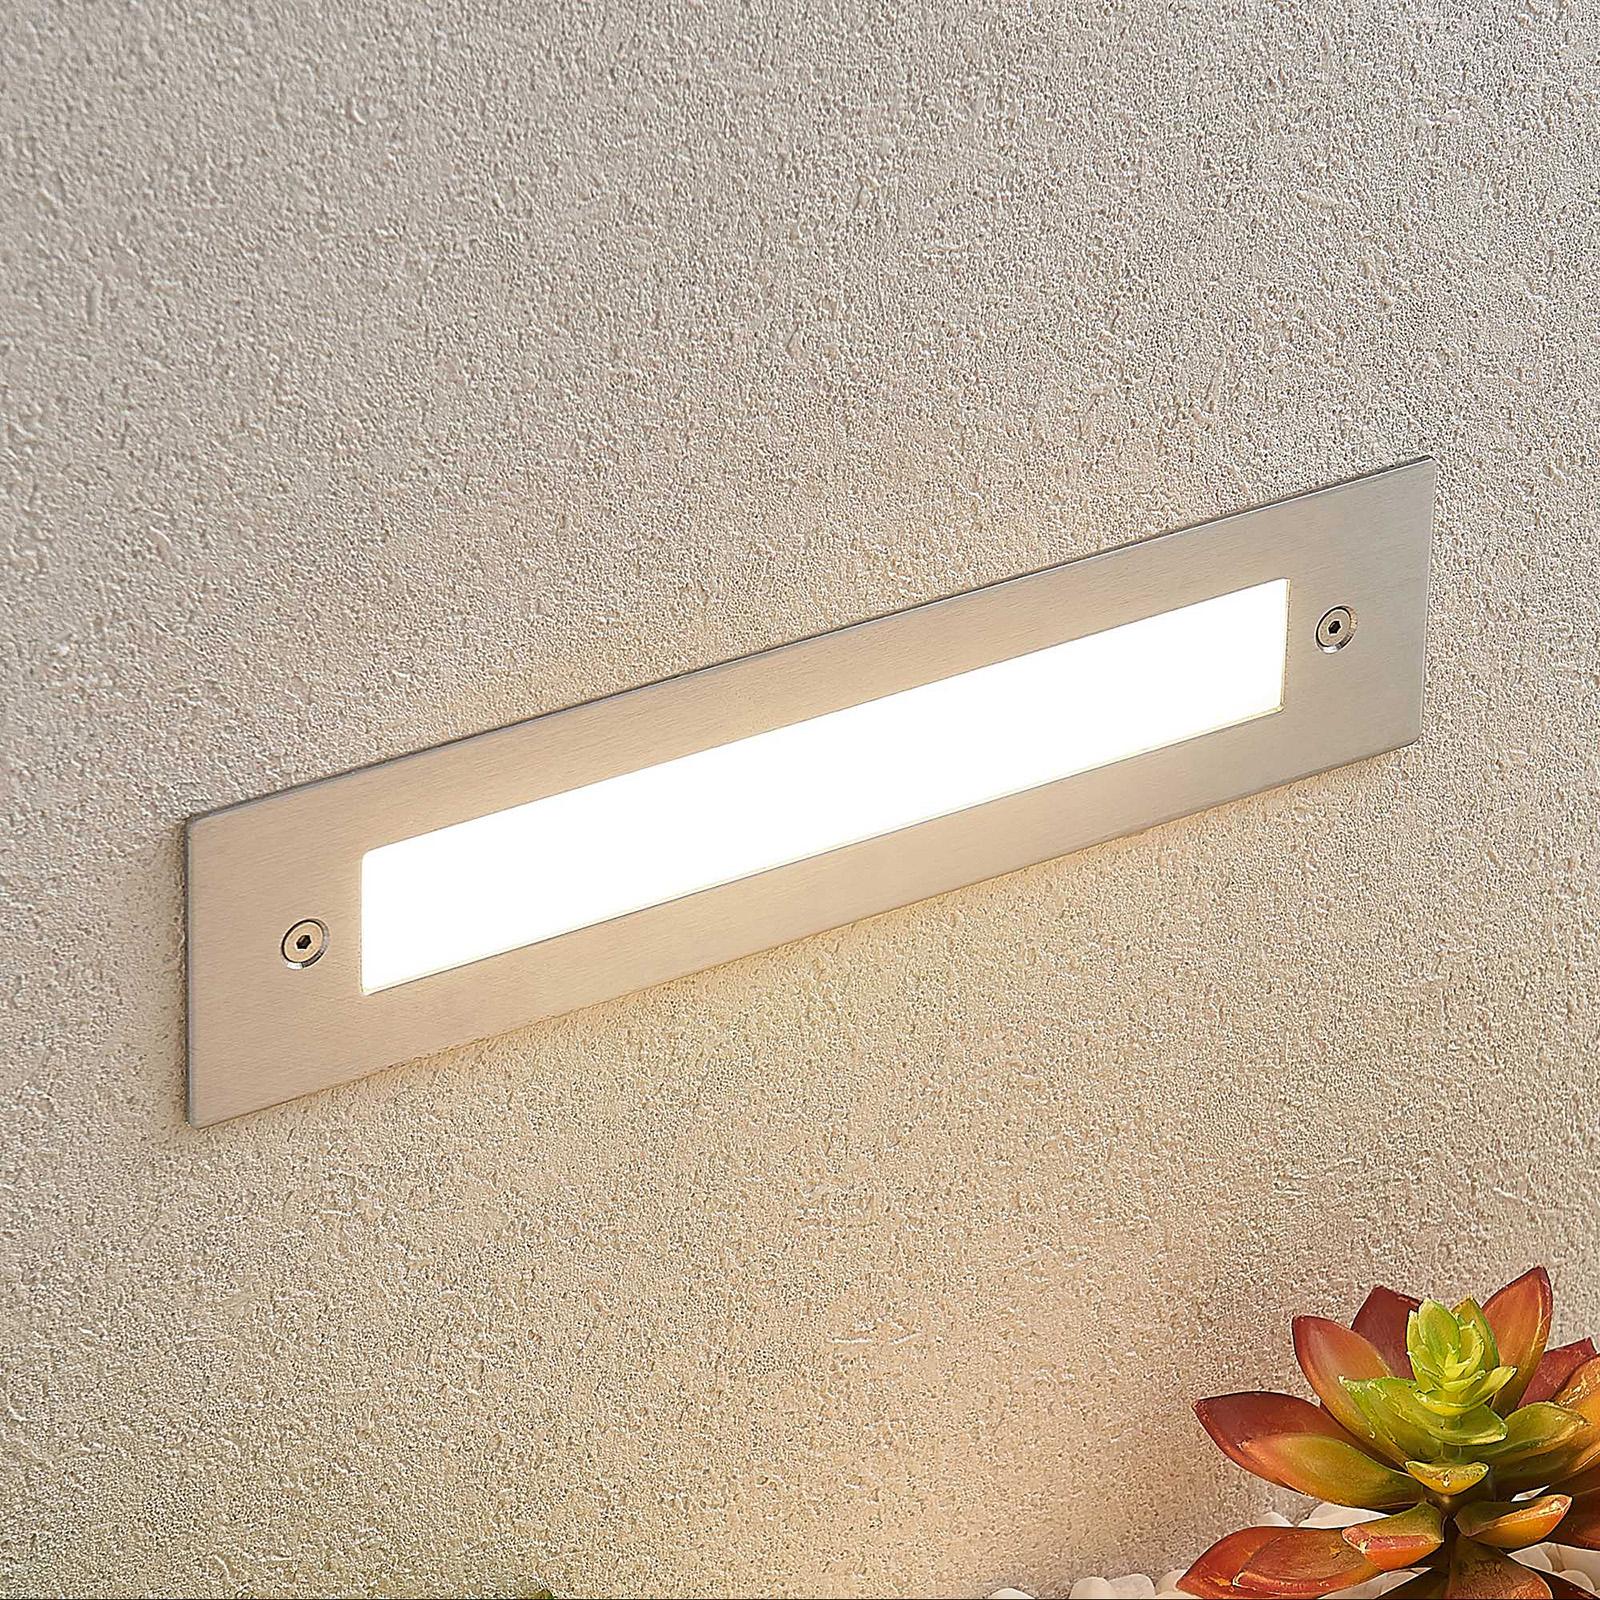 LED-seinäuppovalaisin Roni, terästä, 27 cm